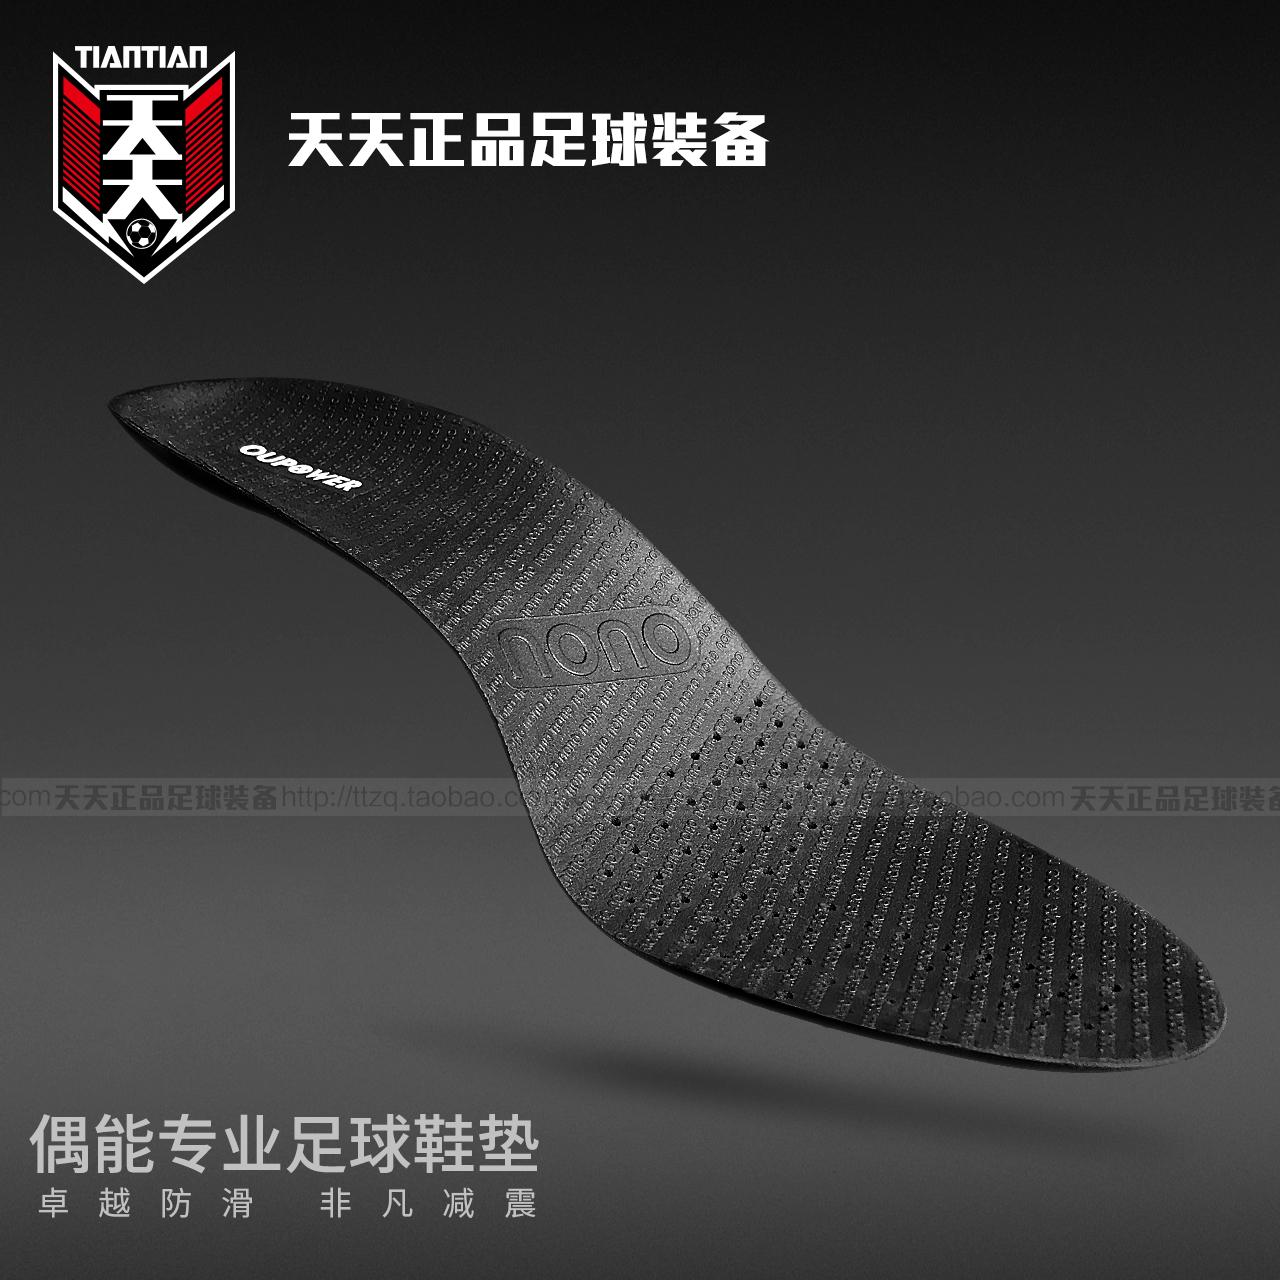 День за днем подлинный OUPOWER/ даже может PORON затухание медленно шок футбол стелька скольжение дезодорация спортивной обуви стелька